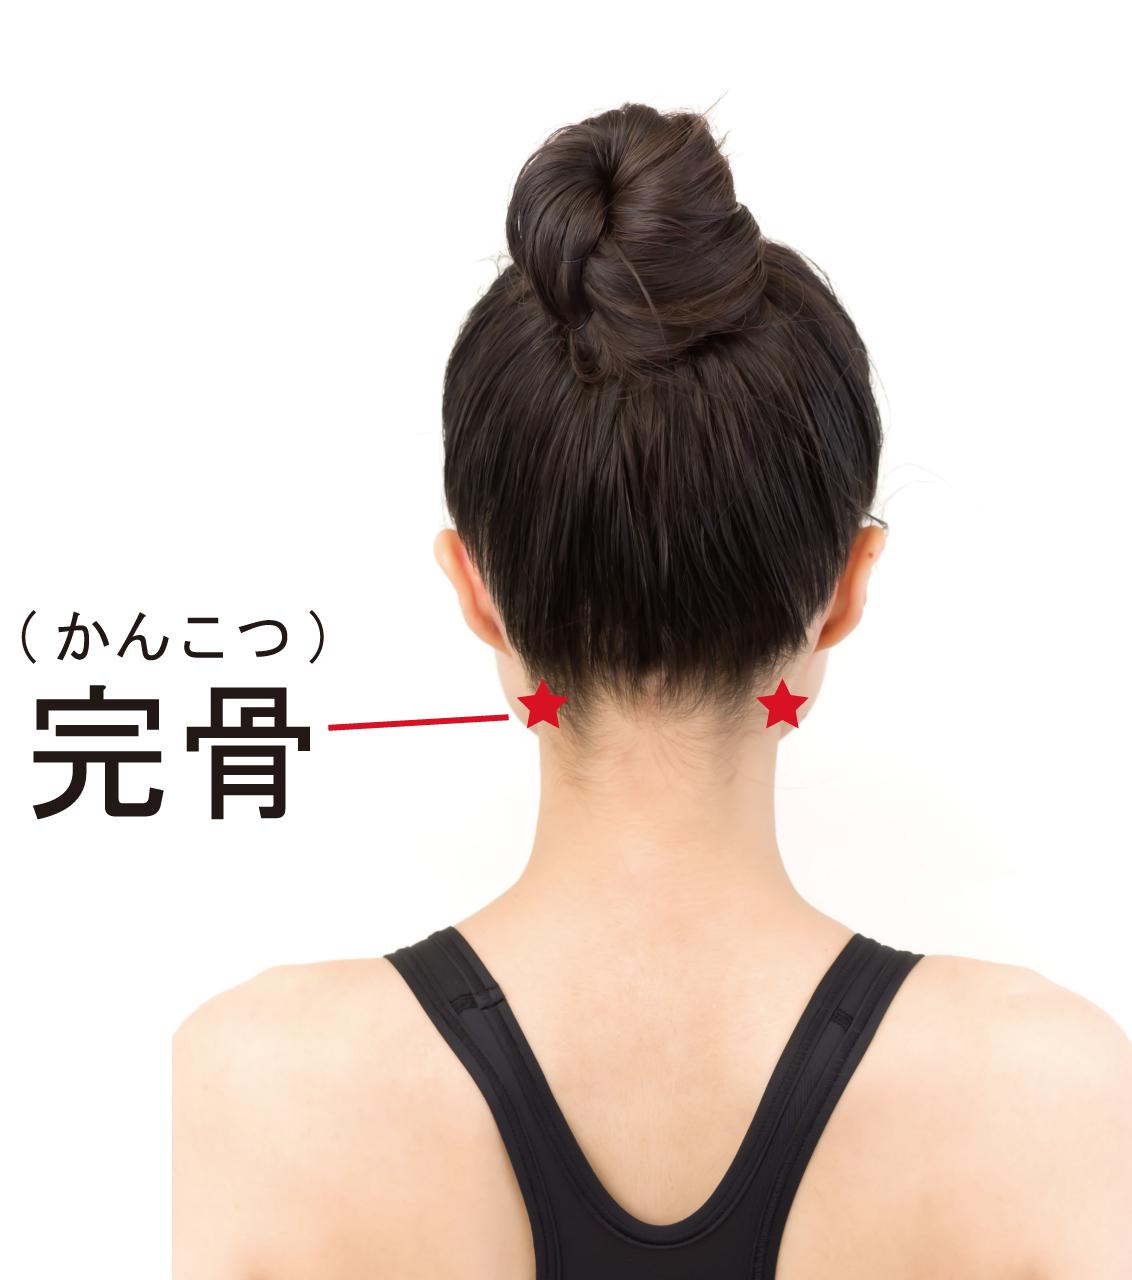 薄毛対策のツボ「完骨(かんこつ)」のツボの位置を記した女性の画像